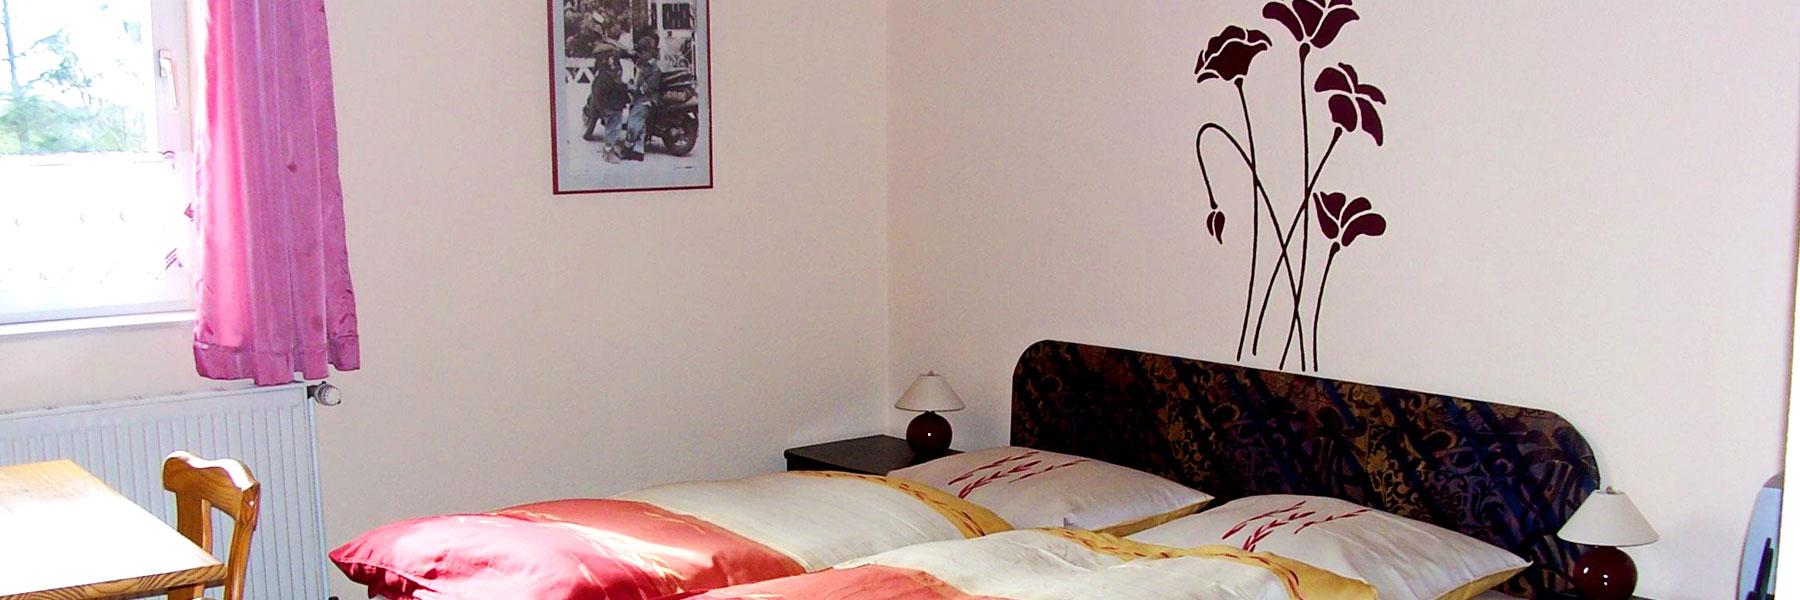 Schlafzimmer - Bauernhof Jung